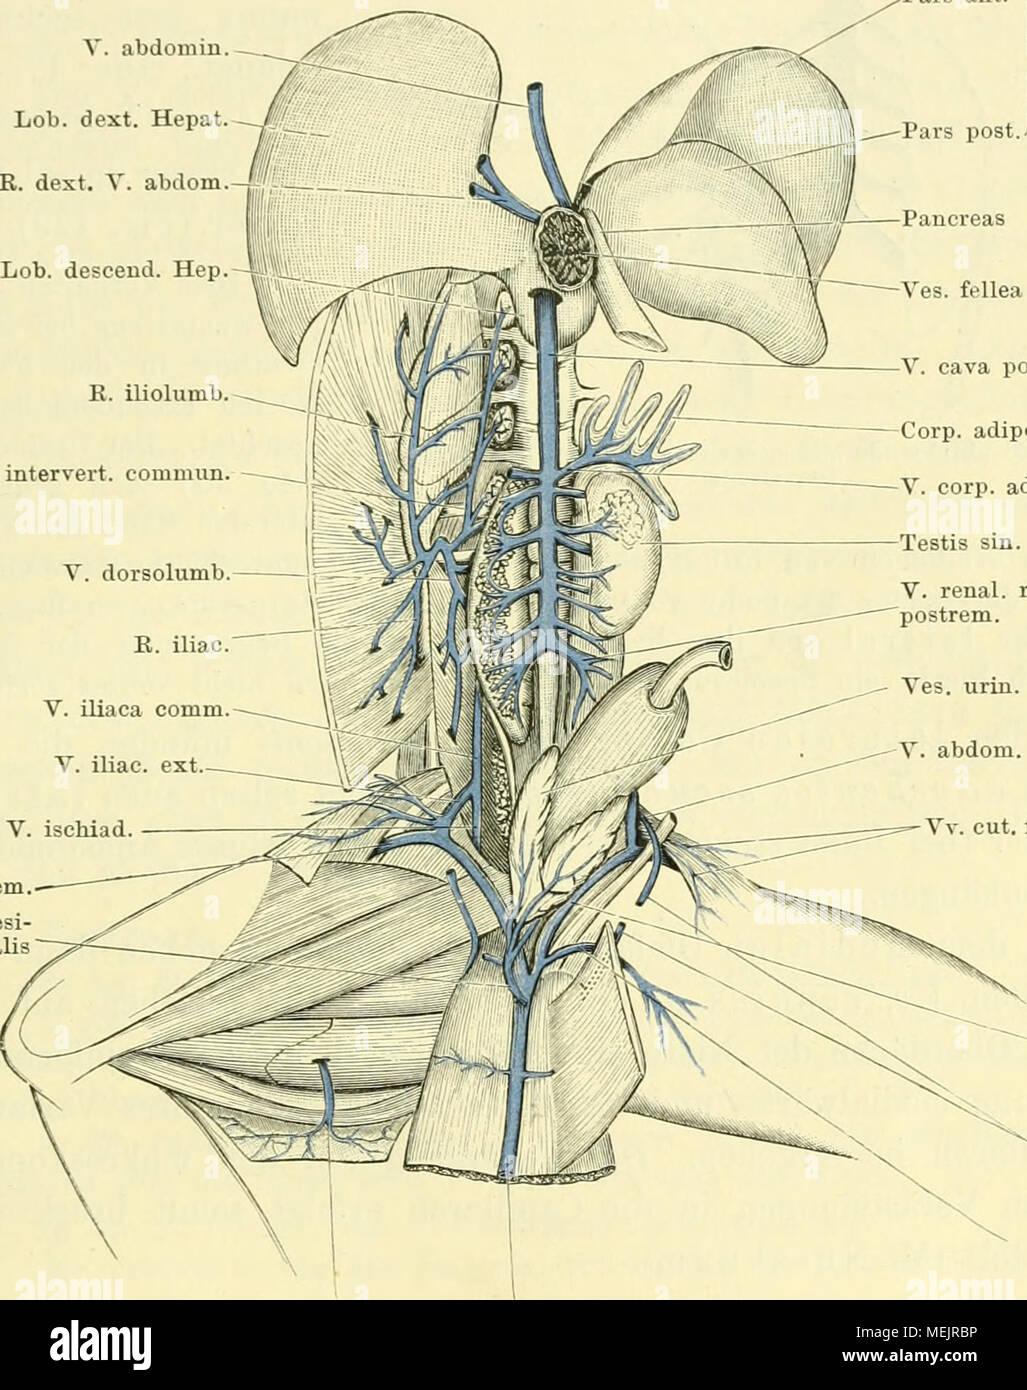 Nett Billroth 2 Anatomie Ideen - Menschliche Anatomie Bilder ...